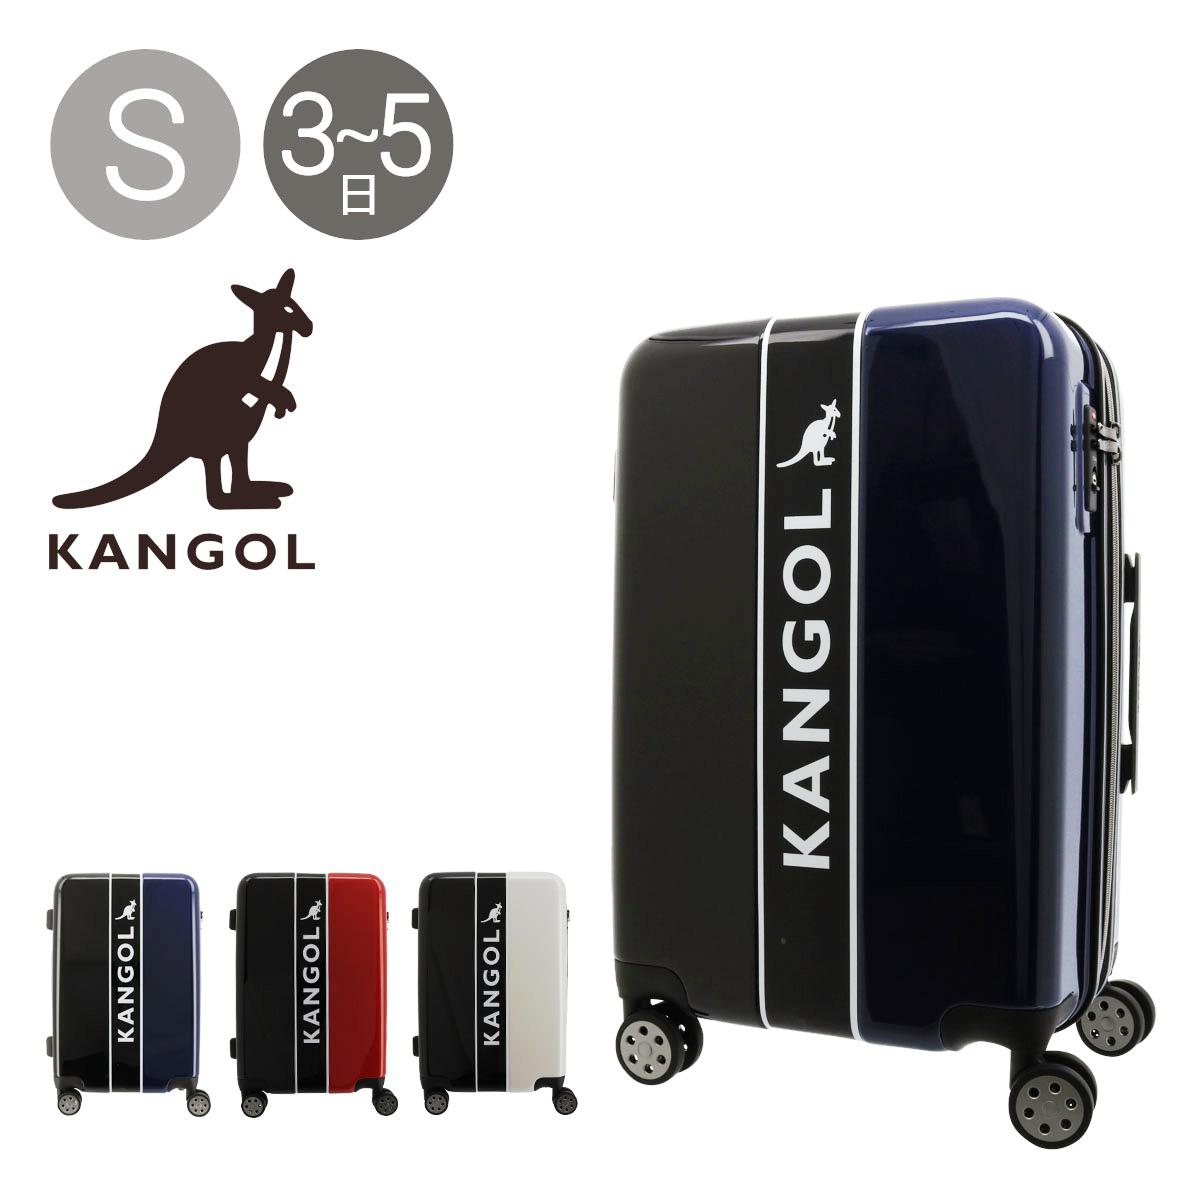 カンゴール スーツケース|50L 56cm 3.7kg 250-05750|軽量 拡張 ハード ファスナー|KANGOL|TSAロック搭載|大容量|おしゃれ キャリーバッグ キャリーケース[PO10][即日発送]